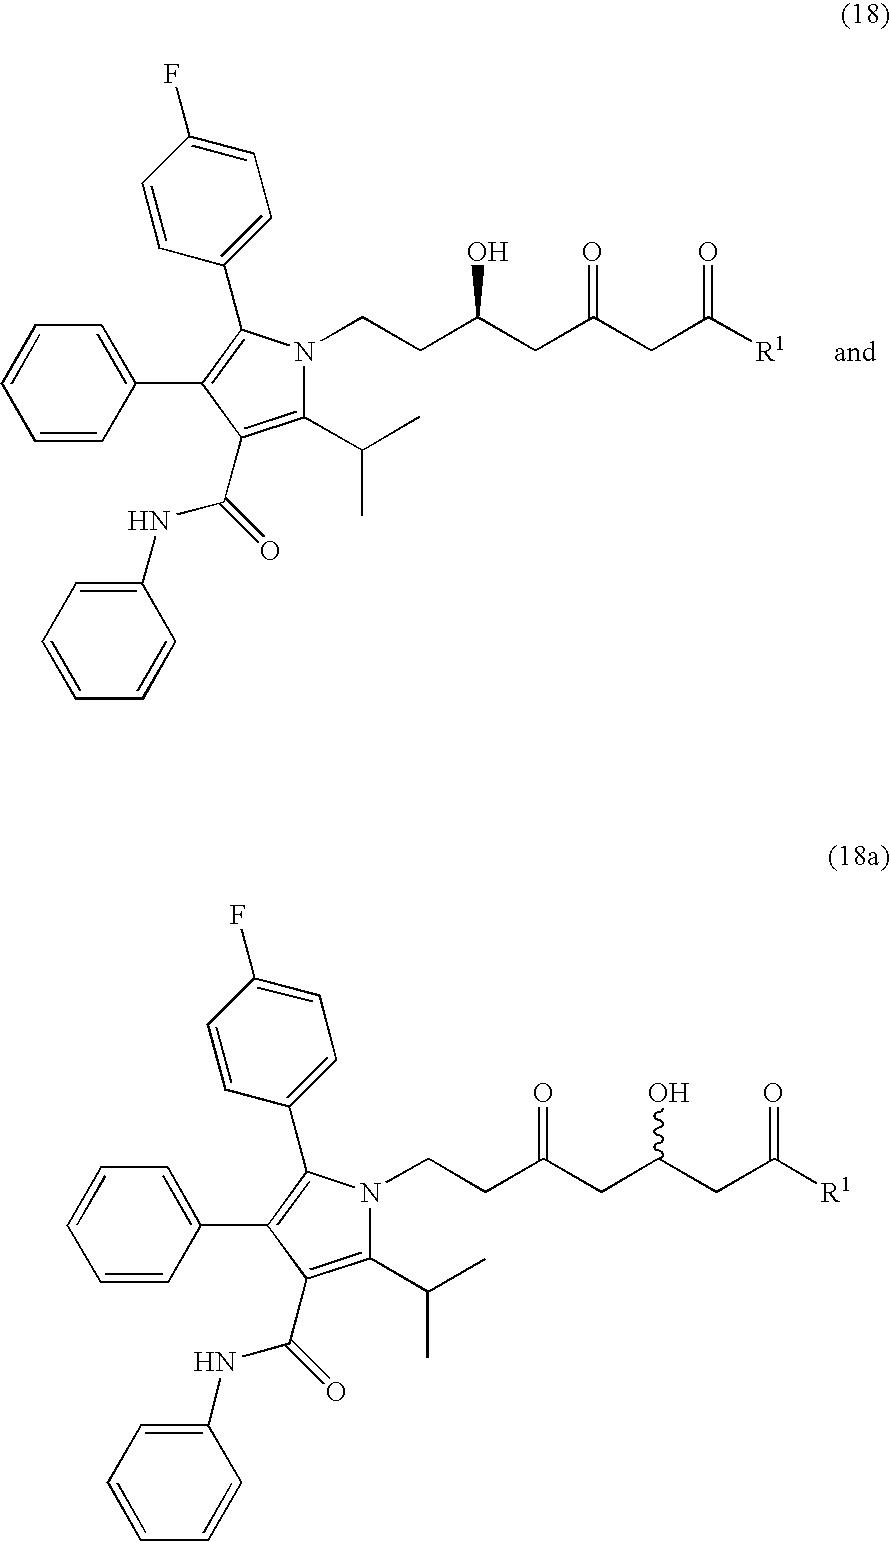 Figure US20070032662A1-20070208-C00025